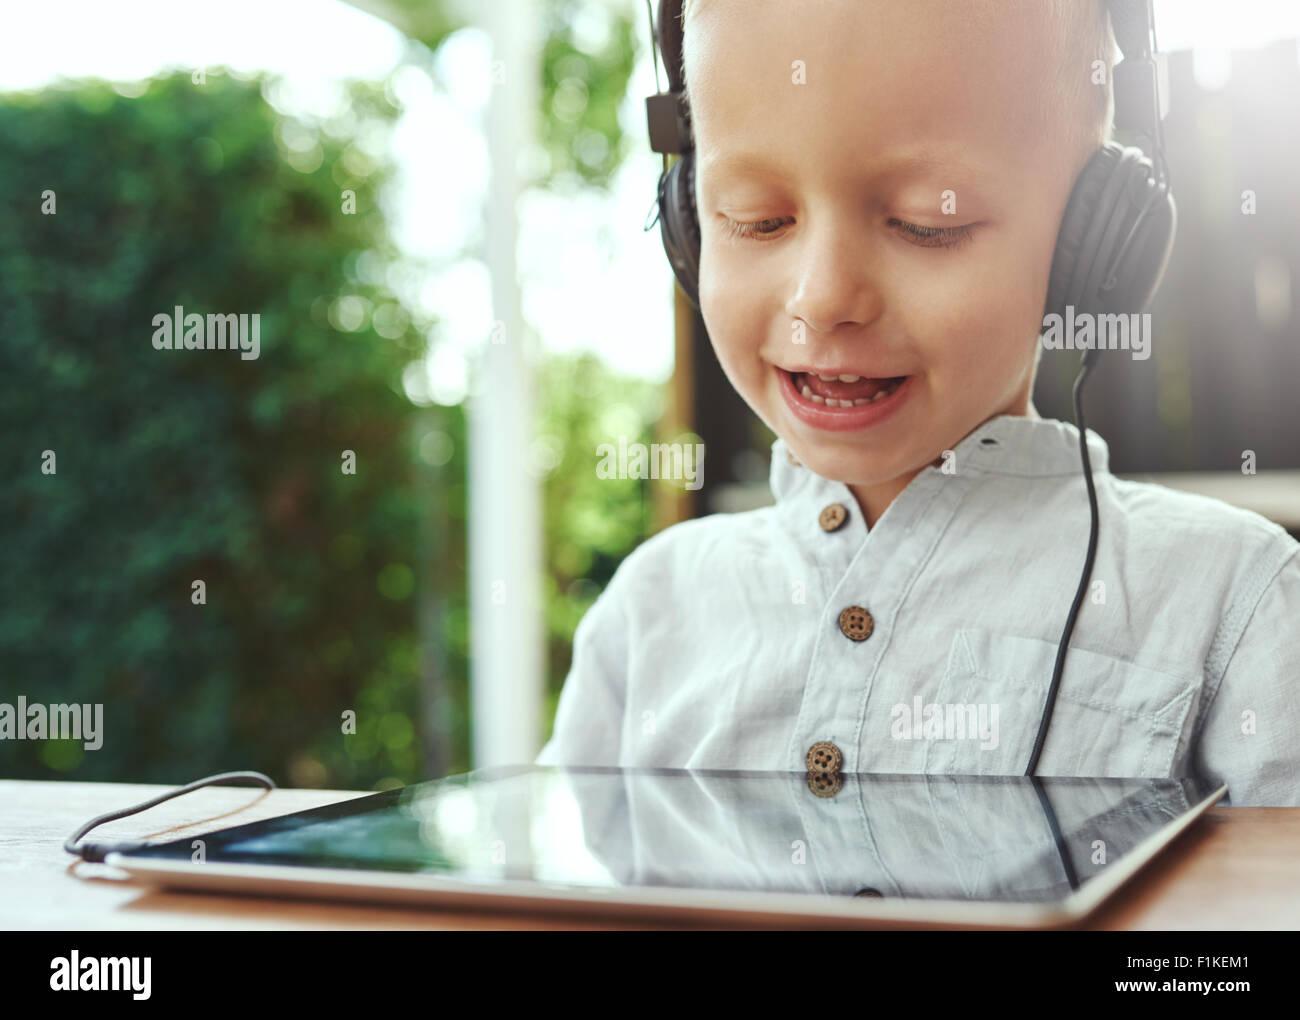 Adorable pequeño muchacho escuchando música grabada en su tablet pc usando auriculares con una encantadora Imagen De Stock